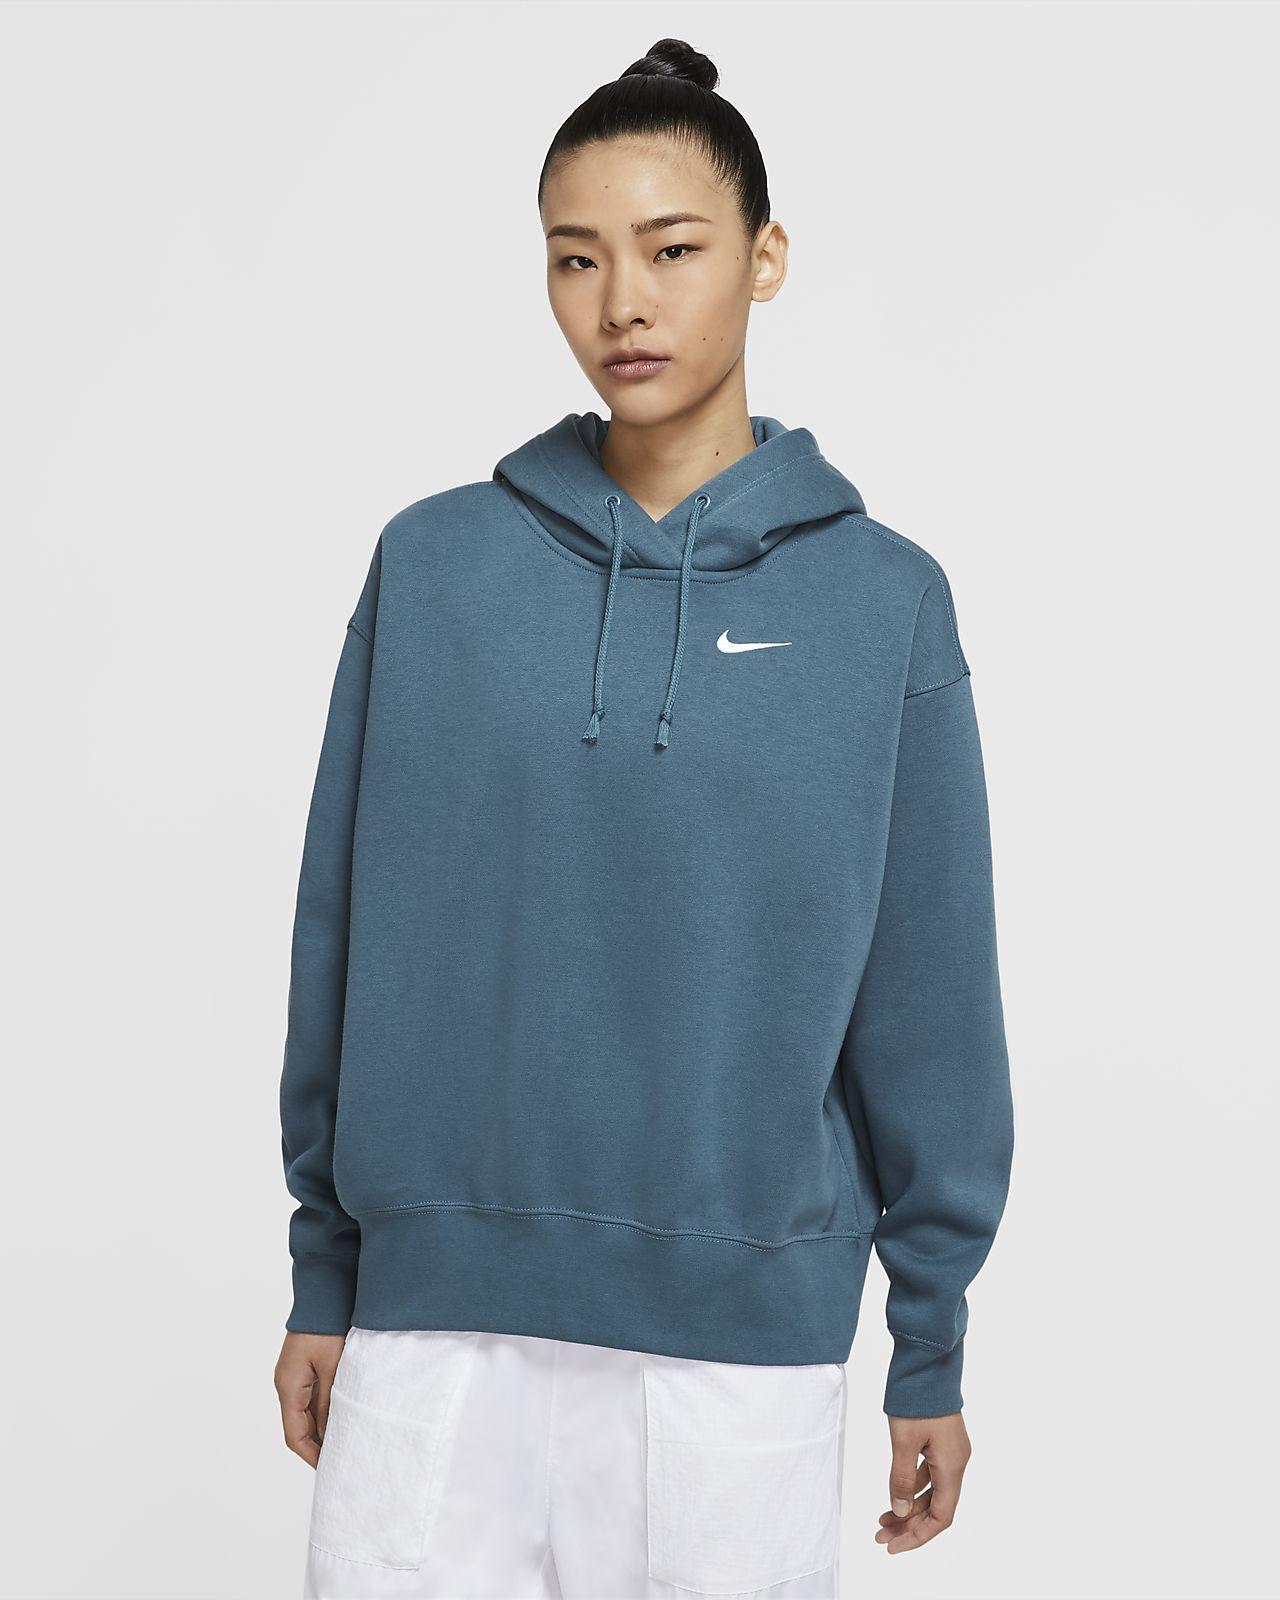 Nike Sportswear Women S Fleece Hoodie Nike Com Nike Hoodies For Women Nike Sportswear Women Womens Fleece [ 1600 x 1280 Pixel ]